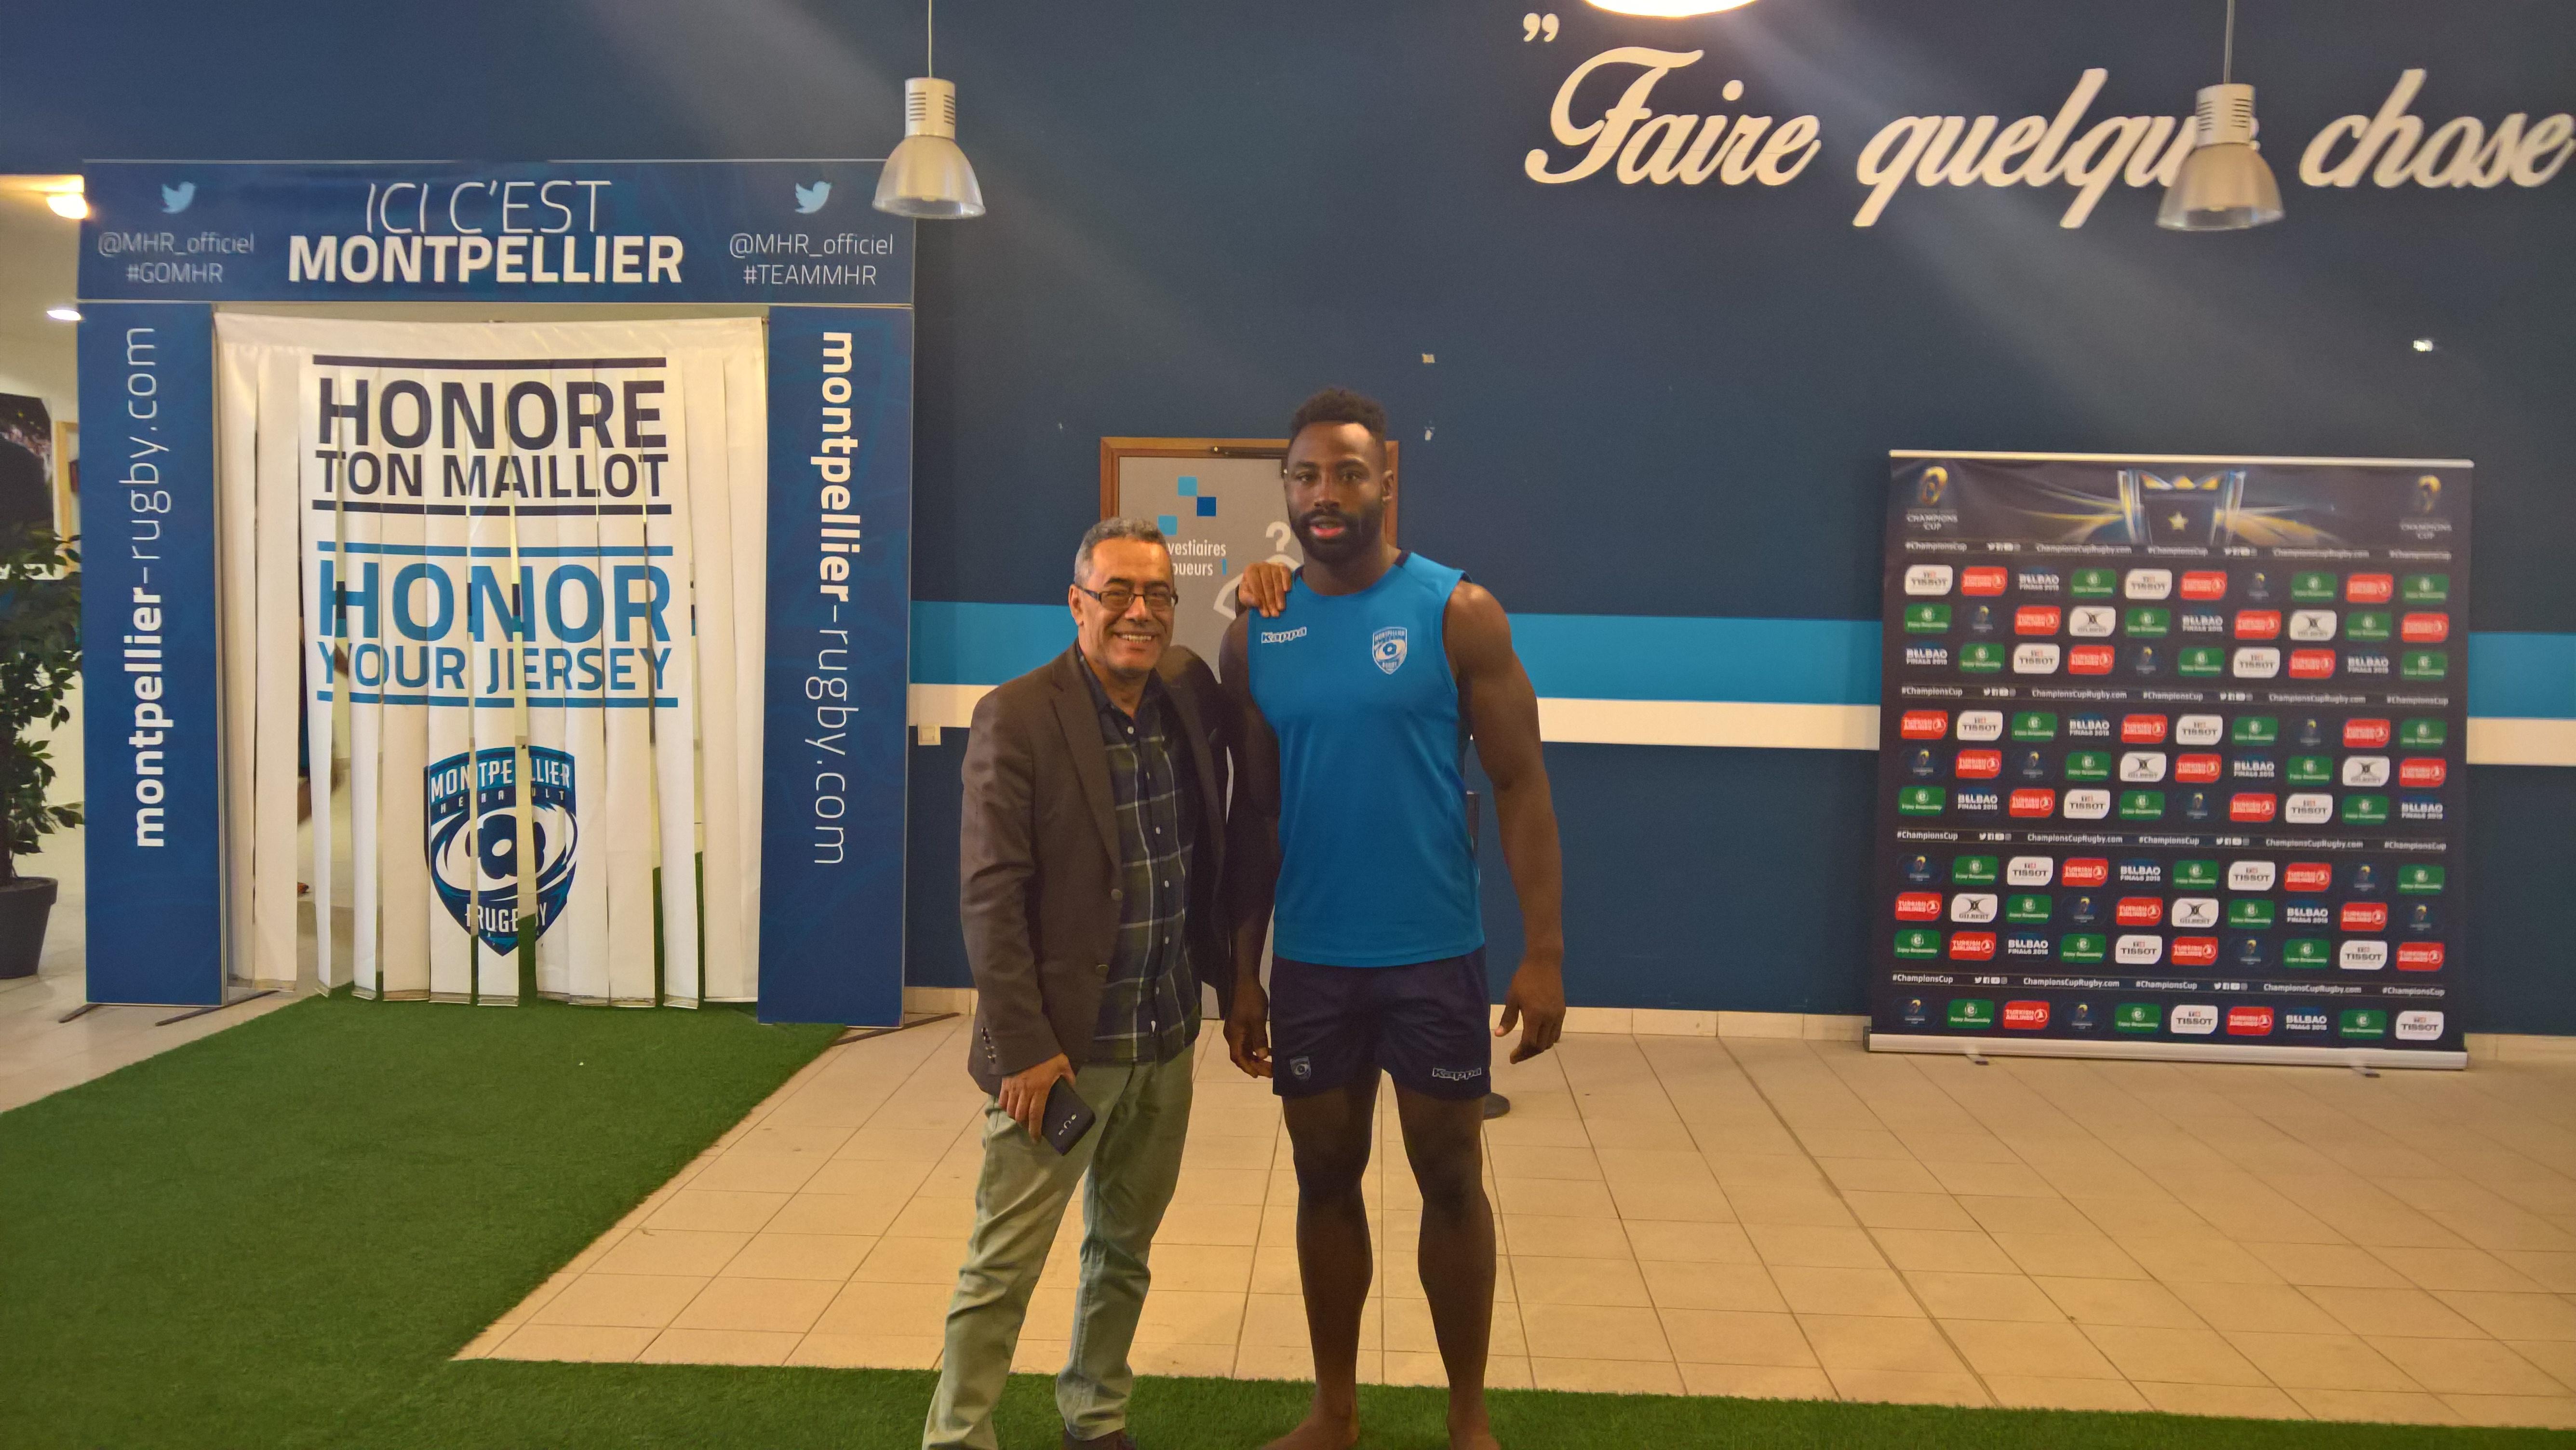 Le patron de Billard BMV avec un Rugbyman de Montpellier Rugby Club